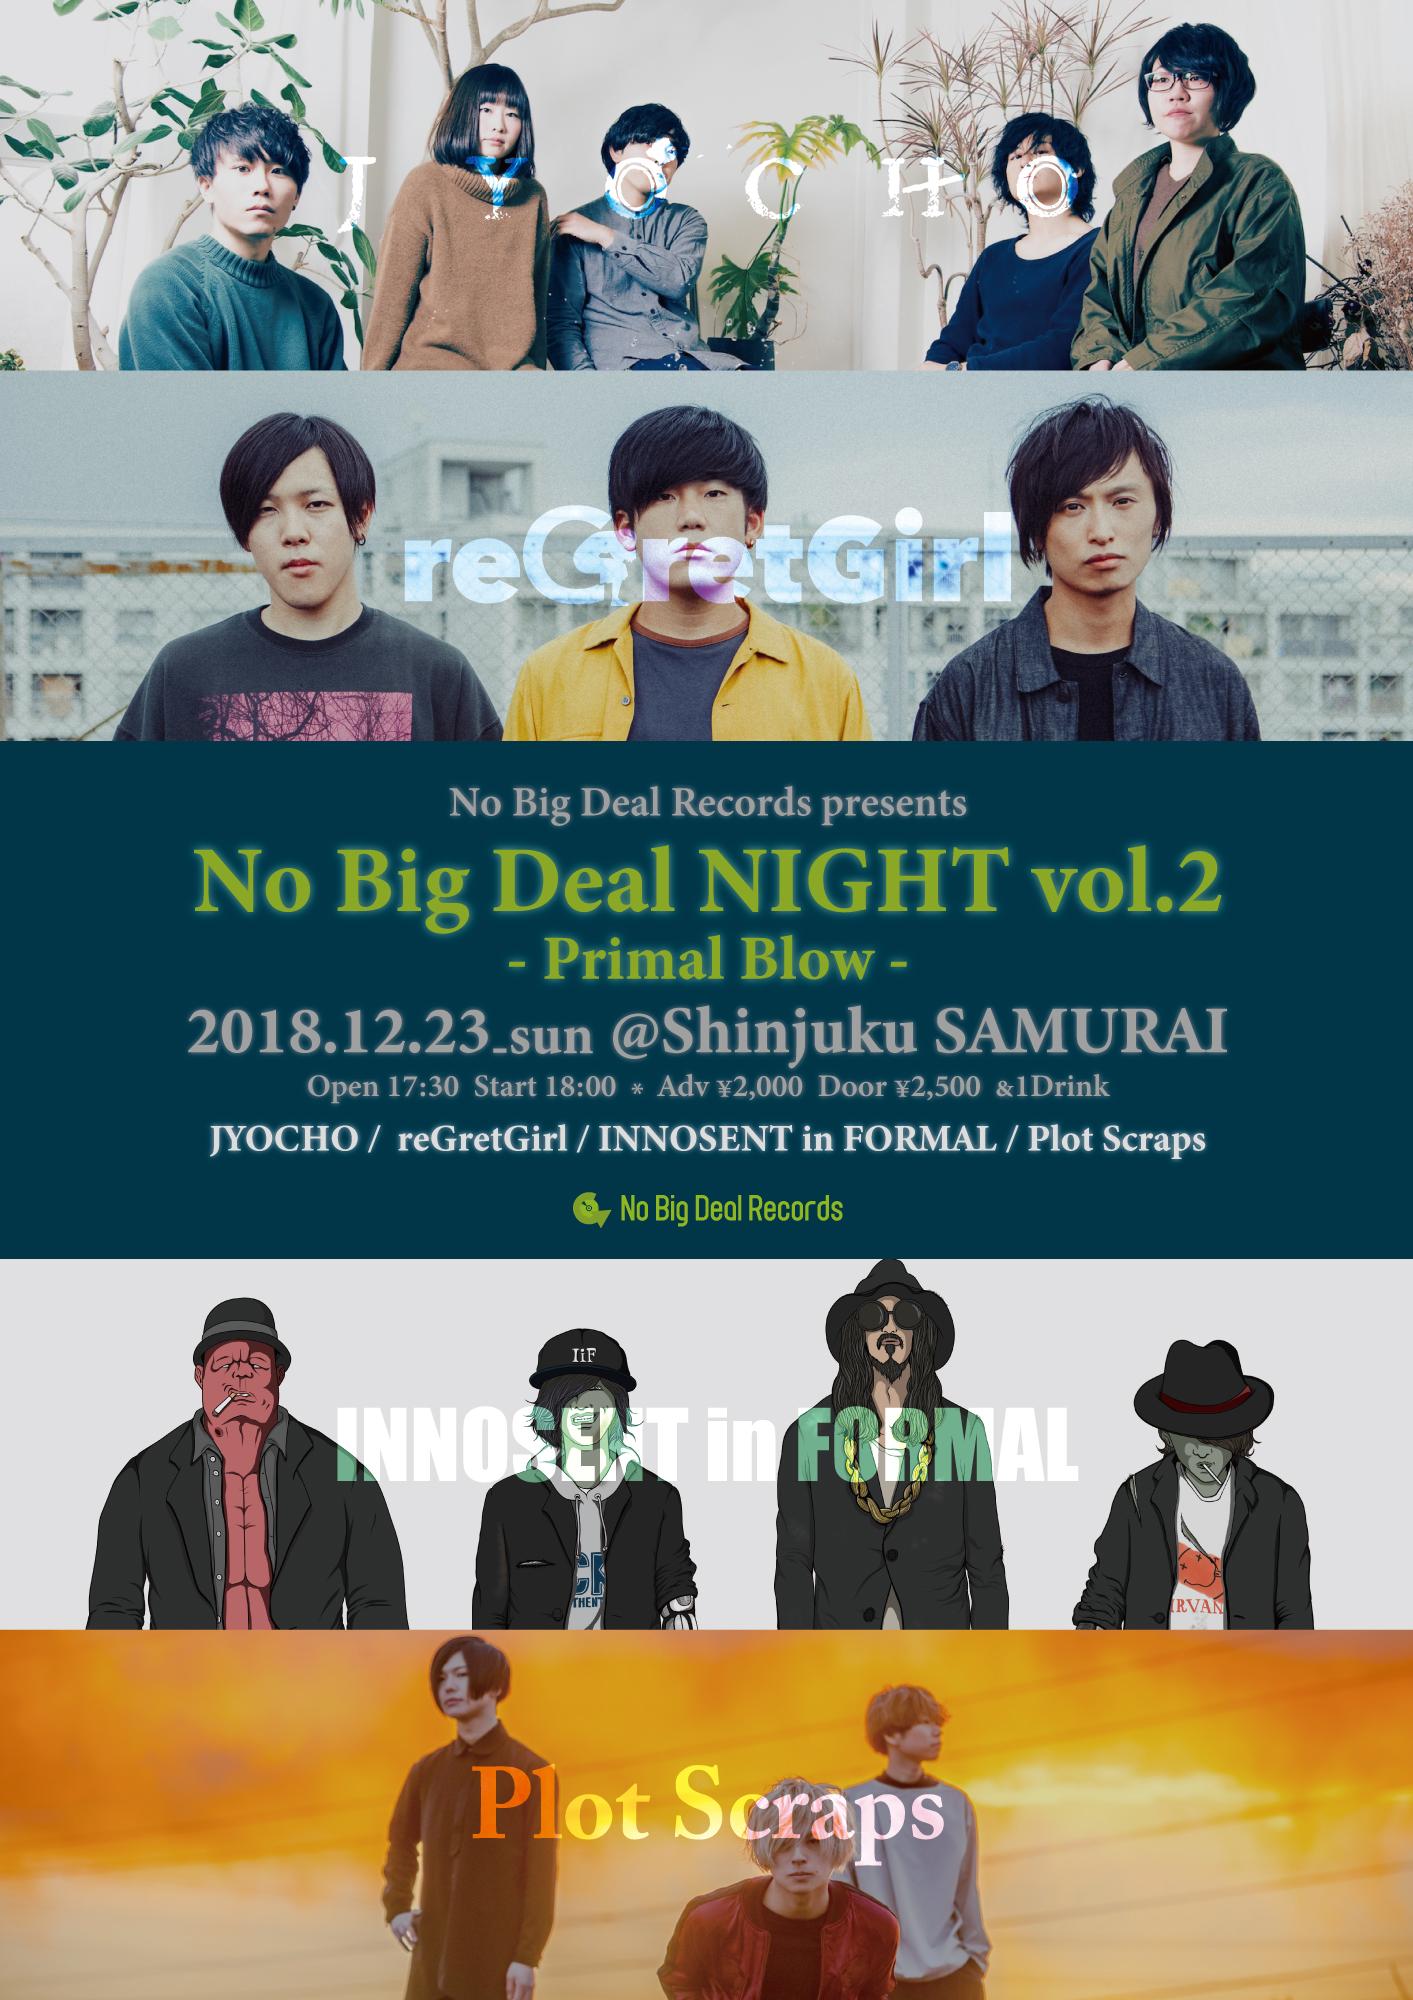 No Big Deal Records presents No Big Deal NIGHT Vol.2 ~Primal Blow~